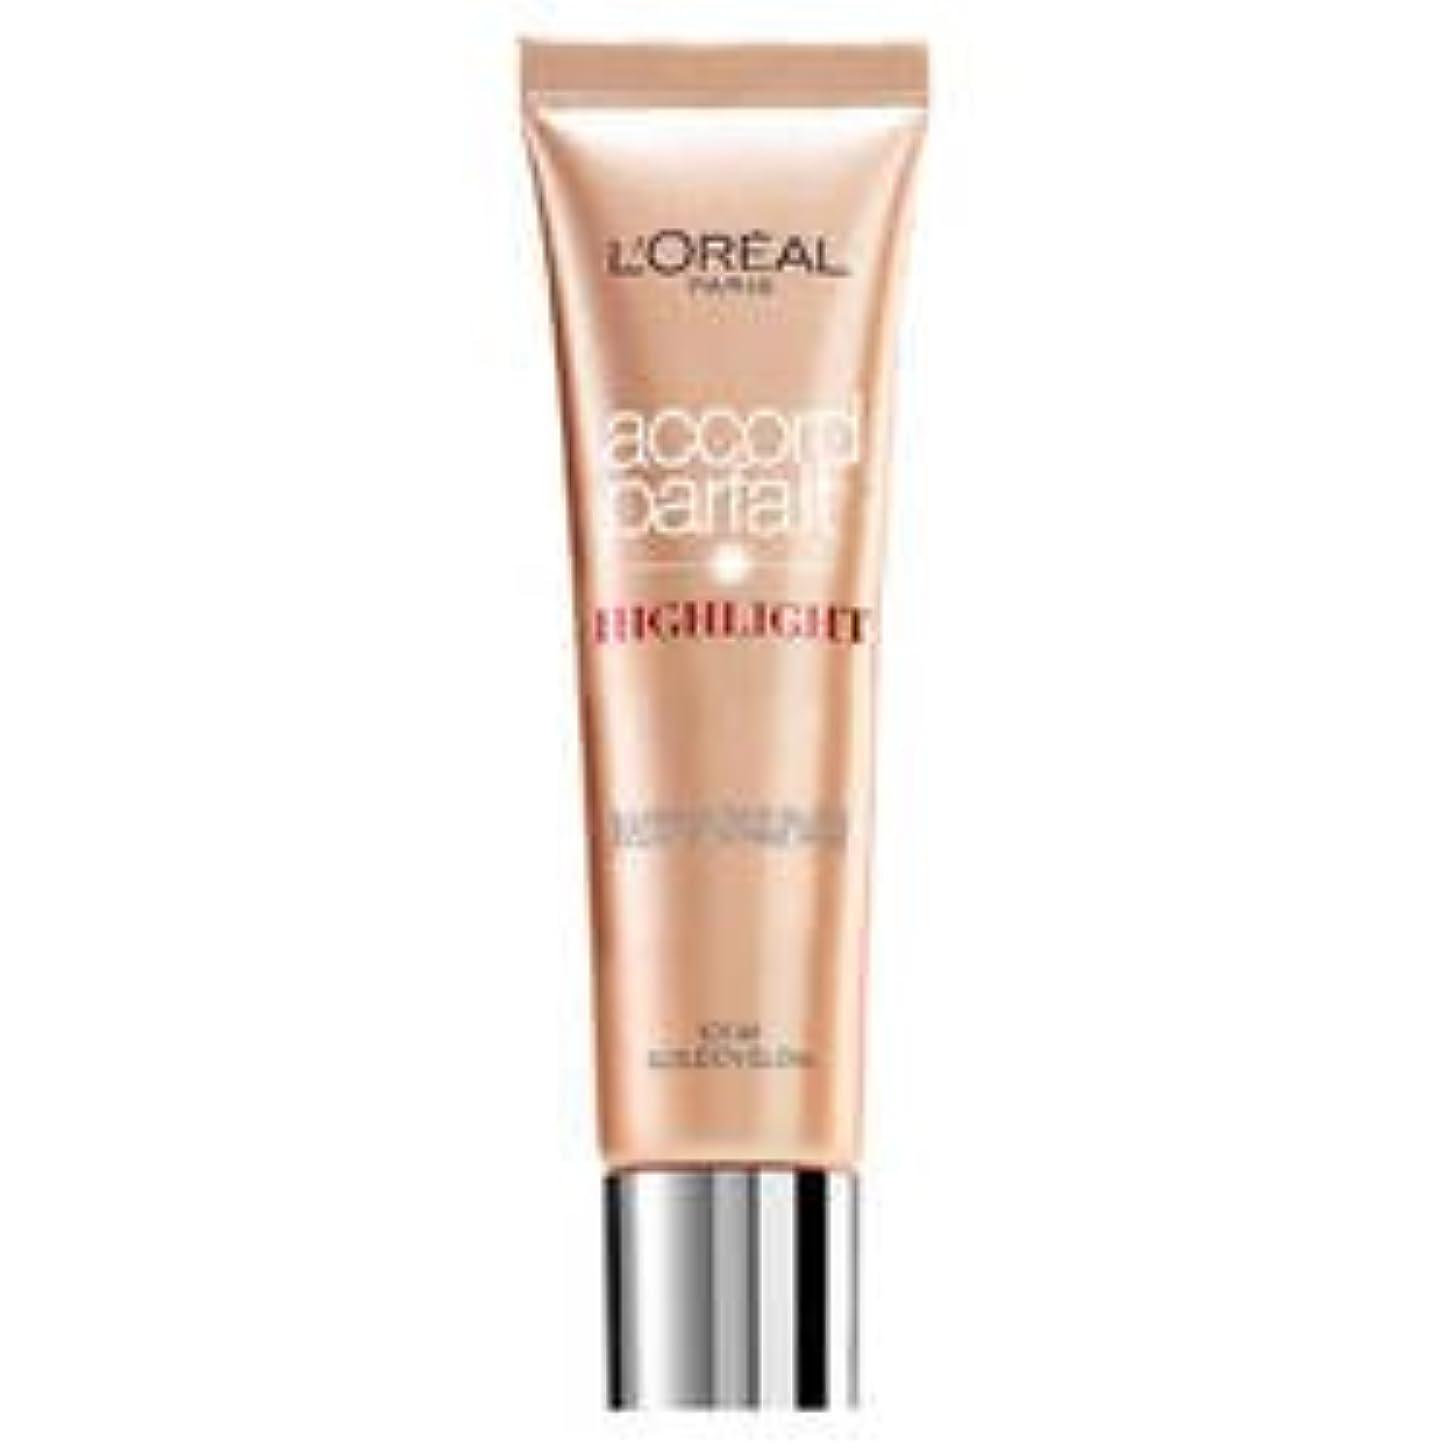 概してトラフィックローンL 'Oréal Paris - ACCORD PARFAIT Highlight Enlumineur Liquide - 101 Dore